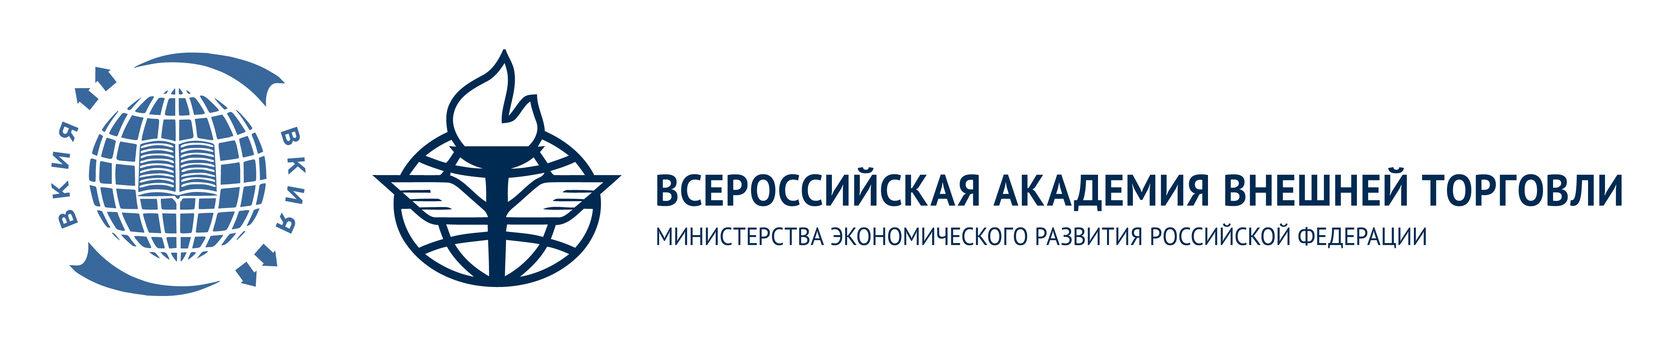 ВКИЯ Минэкономразвития РФ